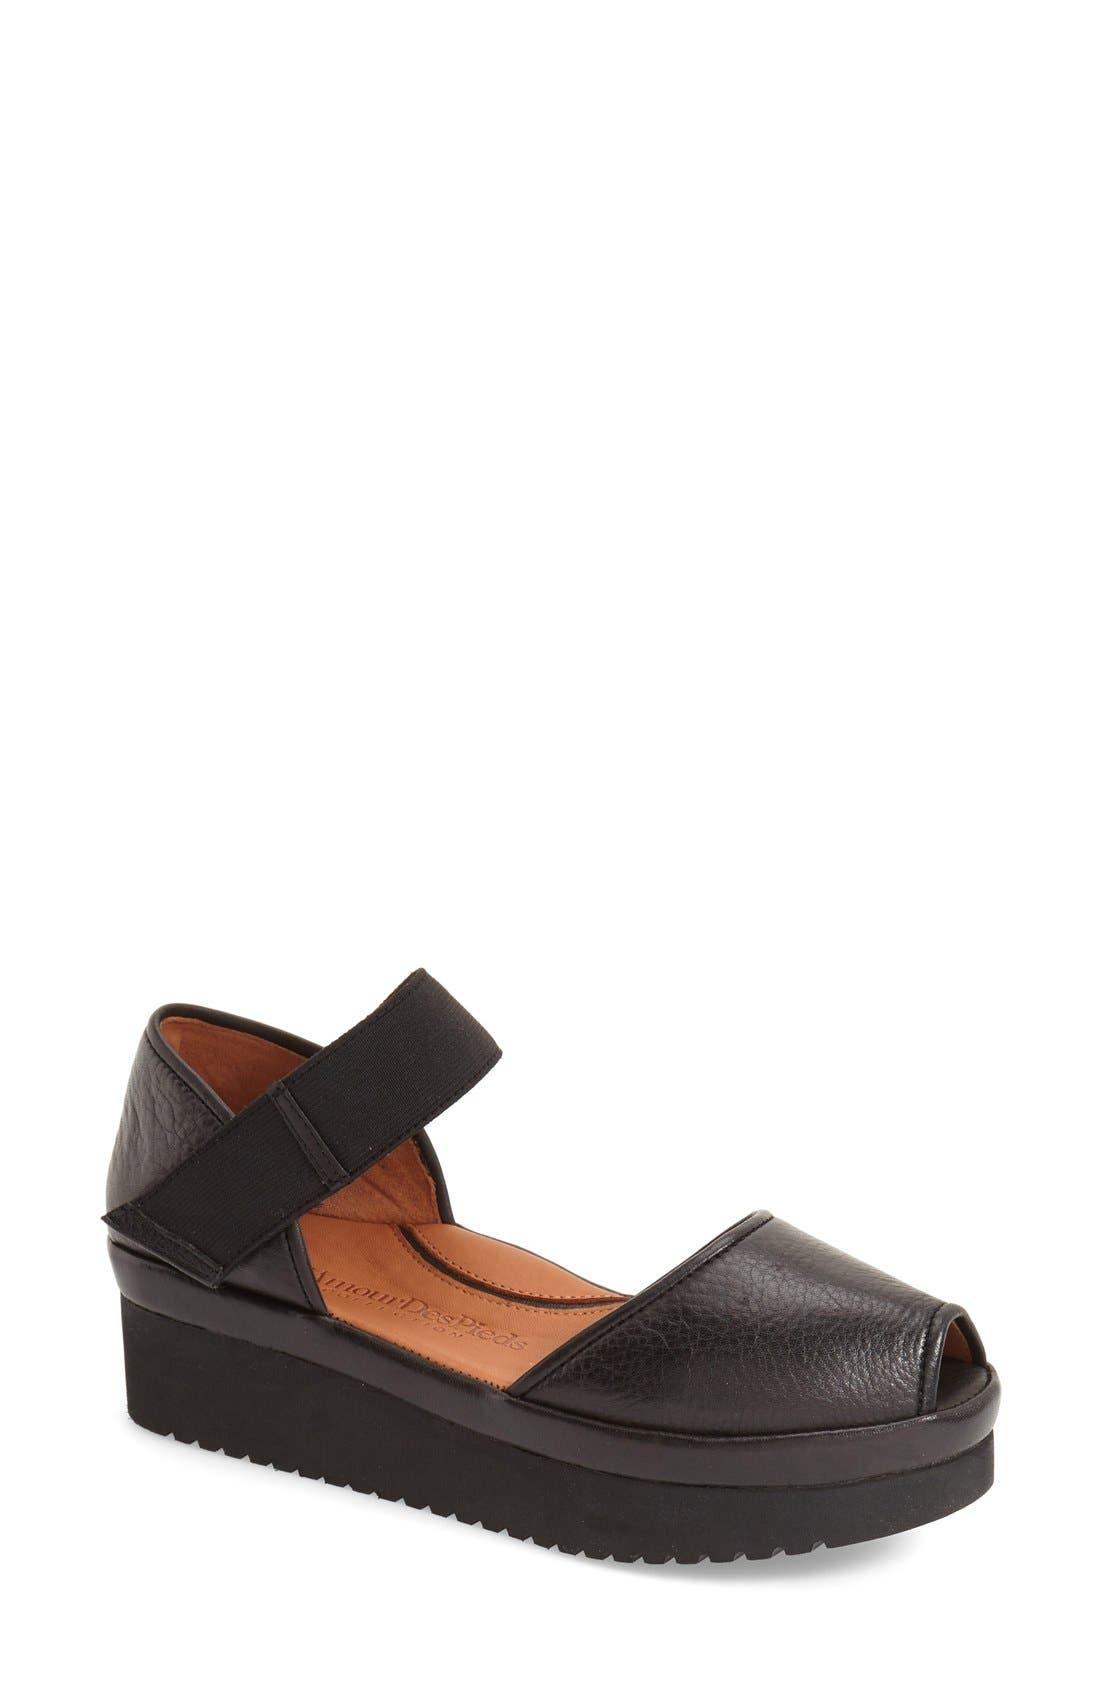 'Amadour' Platform Sandal,                             Main thumbnail 3, color,